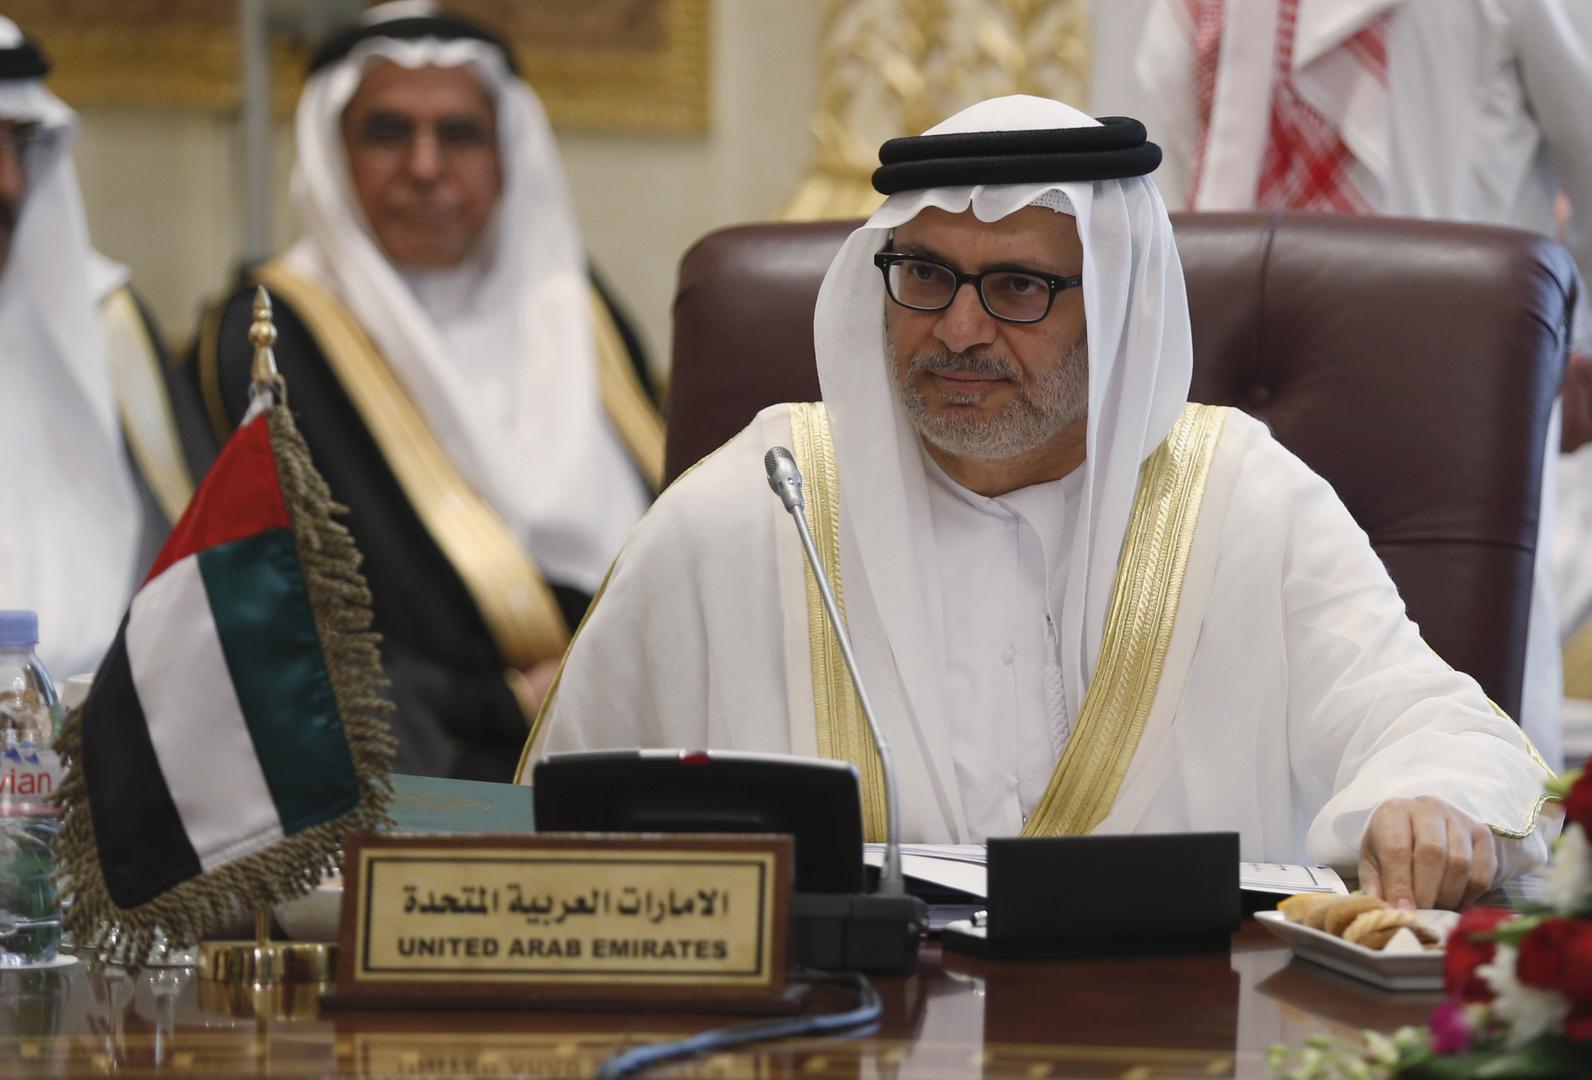 الإمارات ردا على تقرير اختراق هاتف بيزوس: استهداف السعودية مجددا لن ينجح